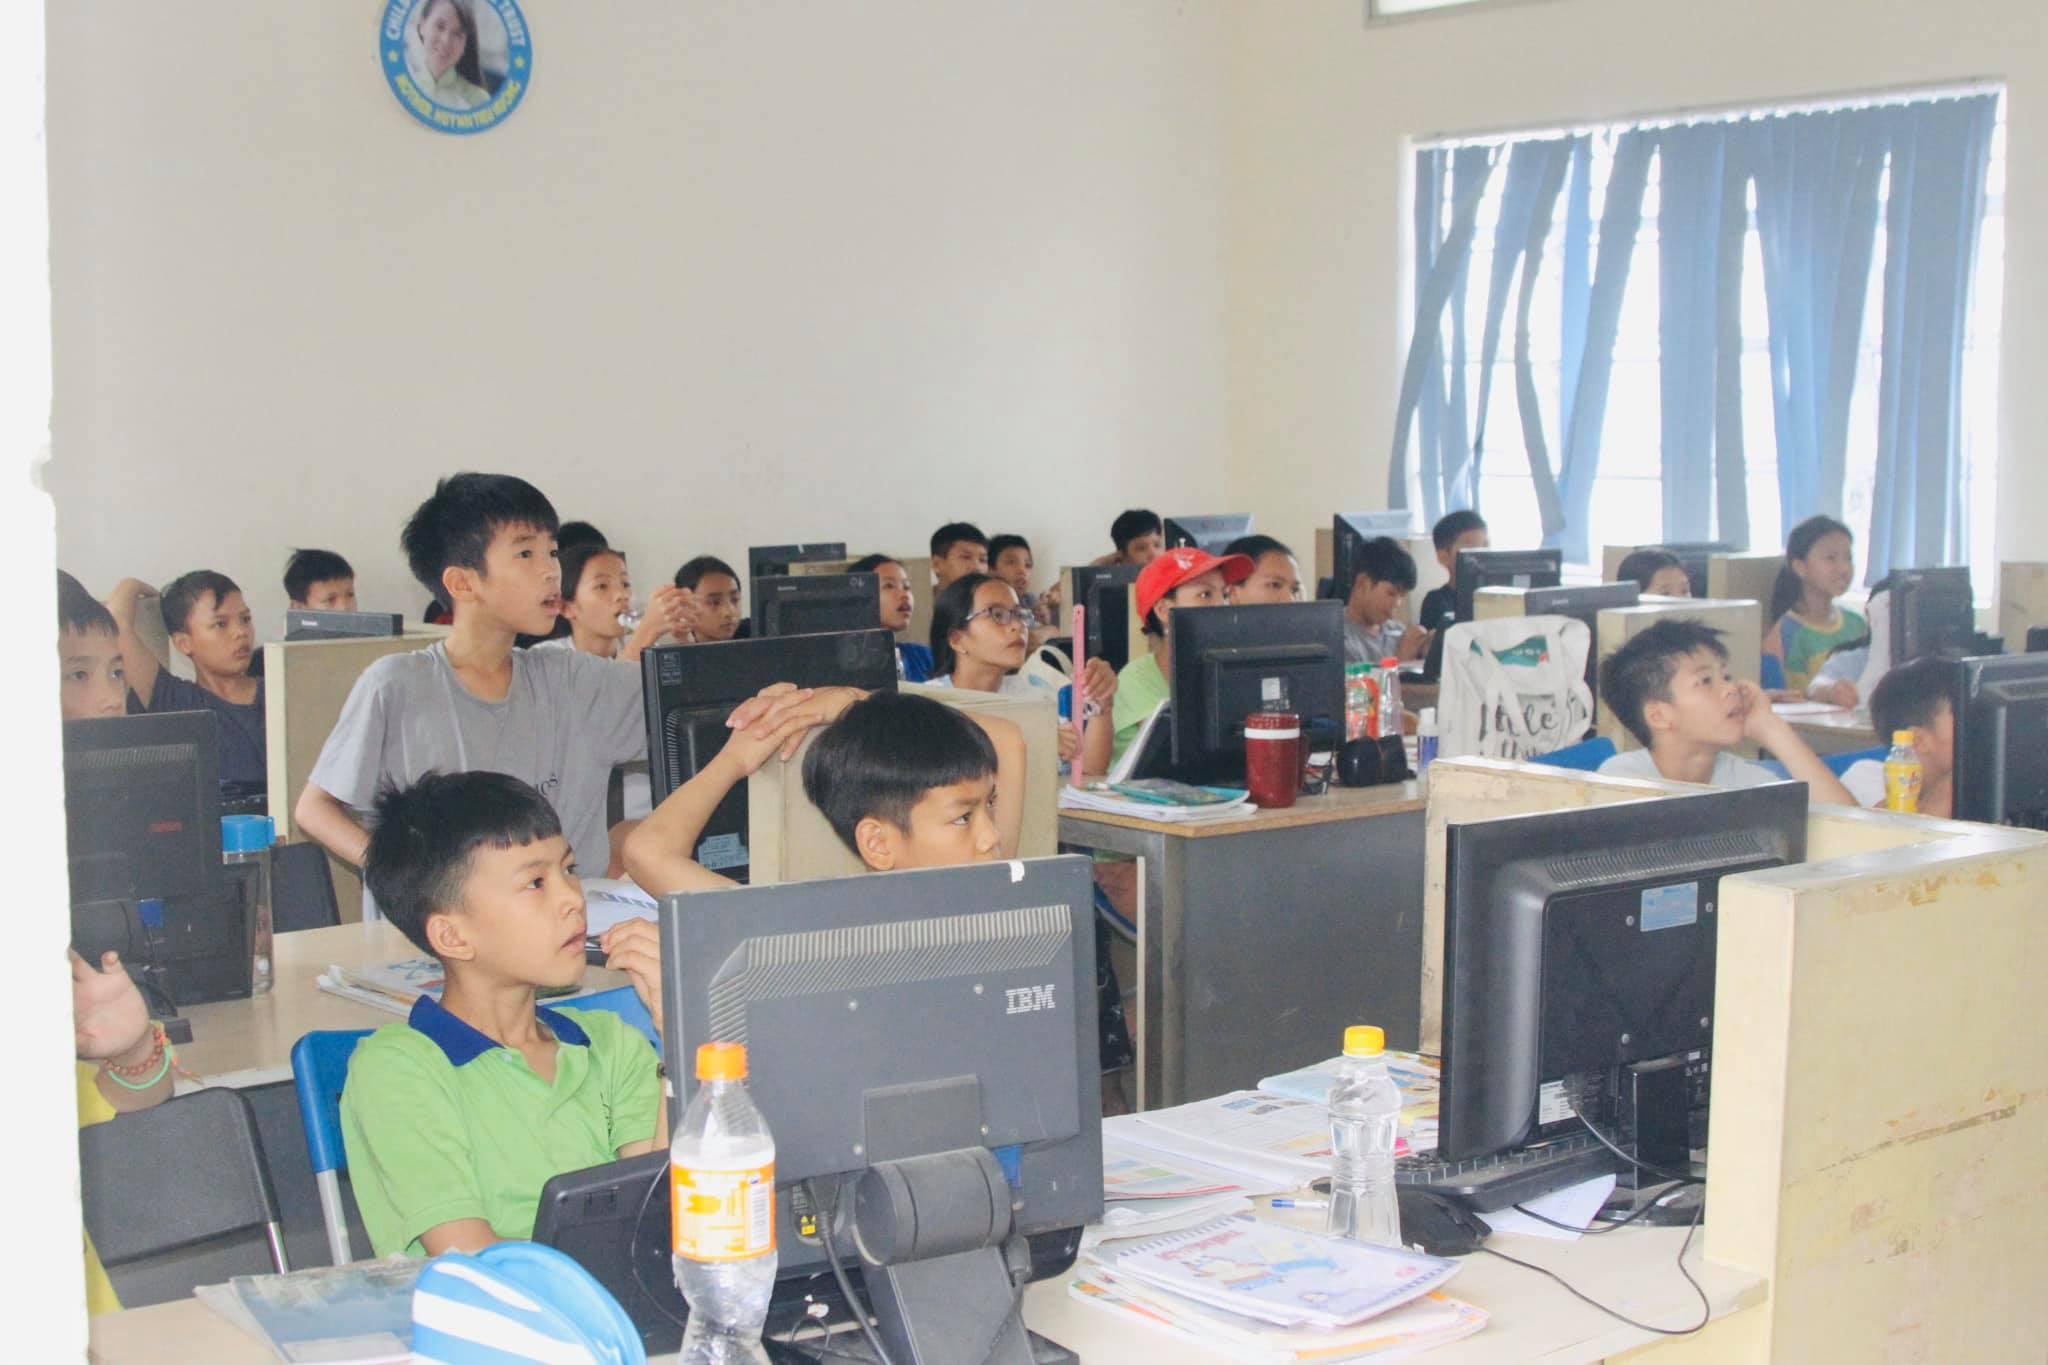 Vì dịch bệnh COVID-19 mà các bé trong Trung tâm Nhân đạo Quê Hương không thể đến trường, tuy nhiên các bé đã được học tập online ngay tại mái nhà chung của mình bằng những thiết bị mua được từ sự giúp đỡ, sẻ chia của Sư Phụ Thích Trúc Thái Minh